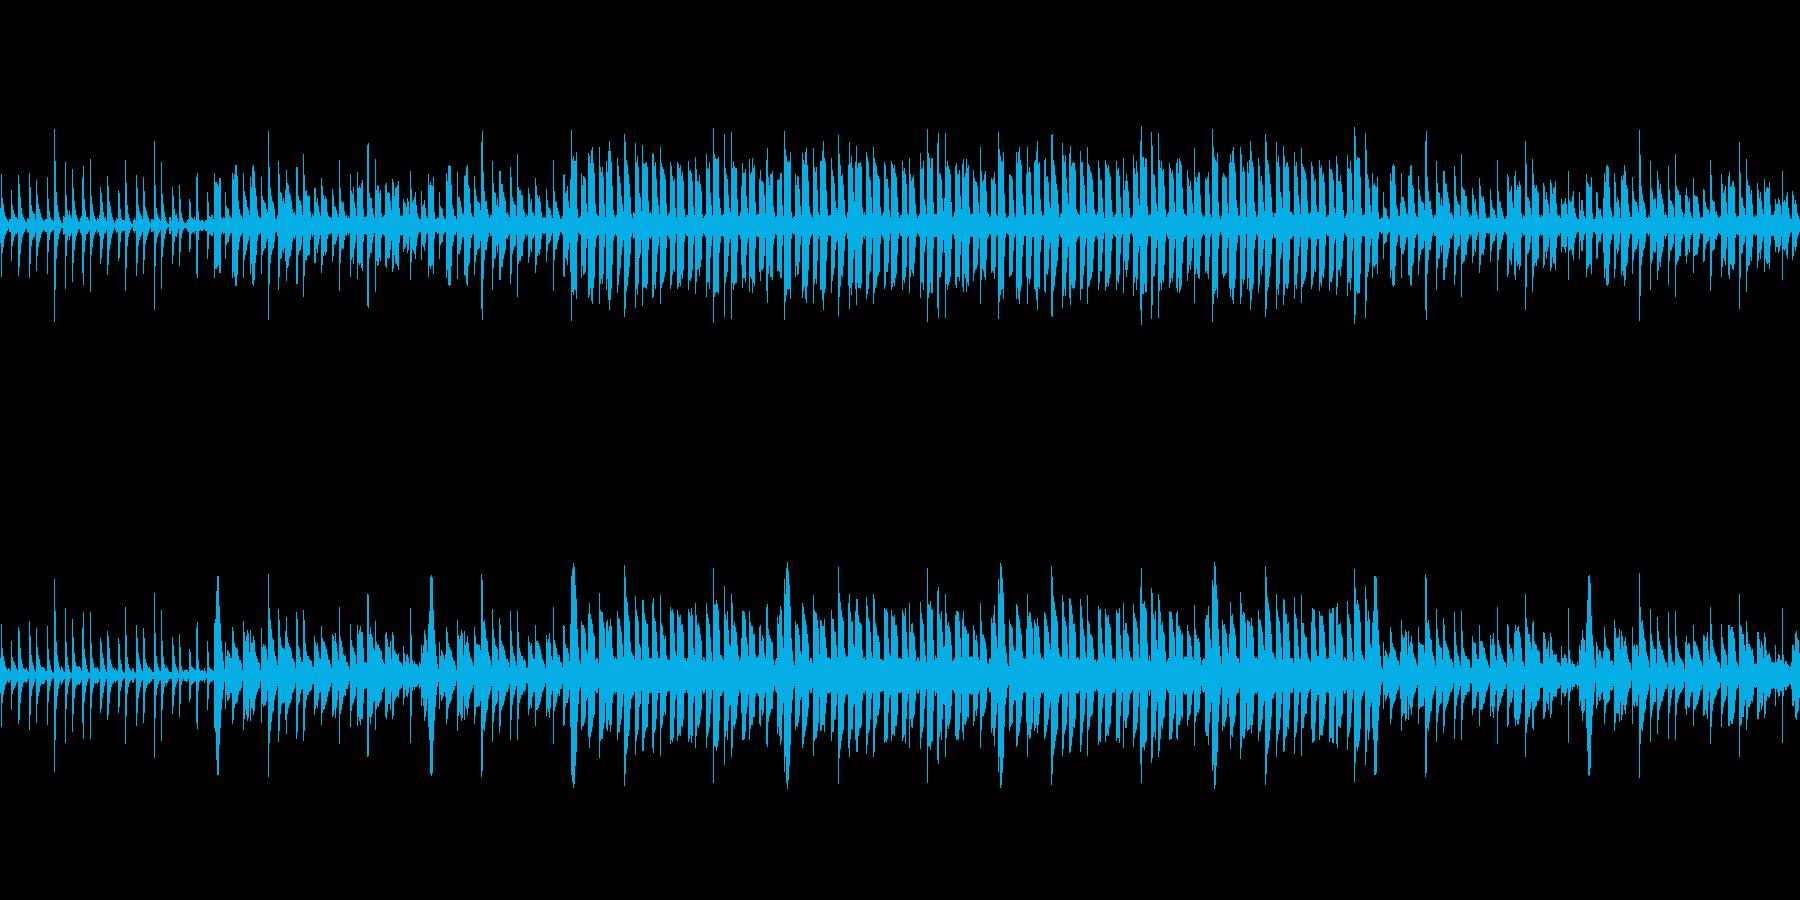 【ファンタジーなエレクトロニカ】の再生済みの波形